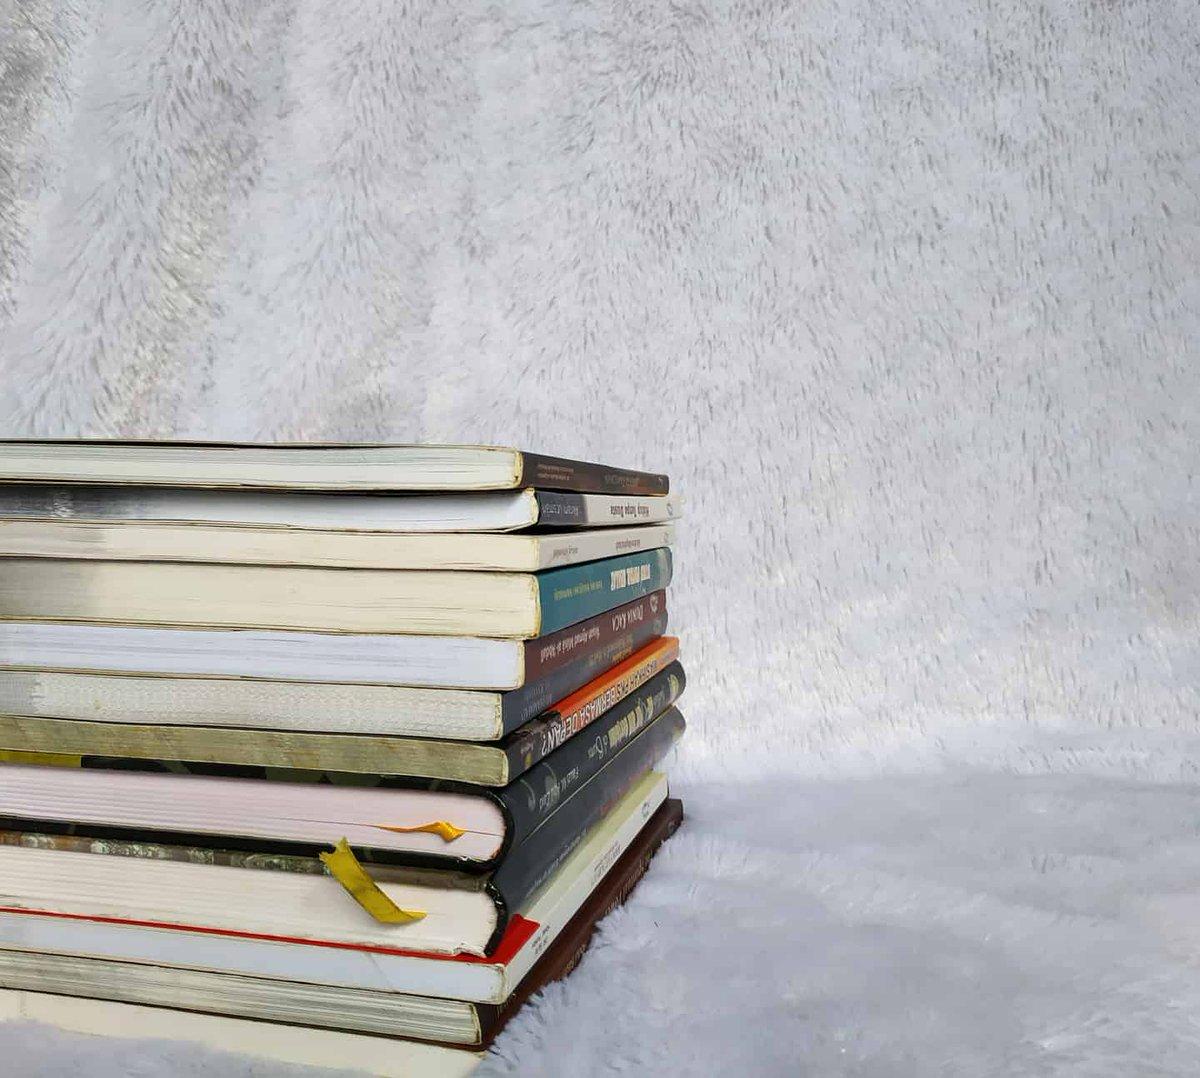 Assalamu'alaikum,  Sahabat, katanya kalo buku lem udah mulai copot, menguning, ada beberapa bagian ujung buku terlipat, itu tandanya sering dibawa kemanapun dan dibaca kapanpun. Setuju gak?   #berbagisemangat #beraniberhijrah #bacaan #ayomembacapic.twitter.com/RygxOb0pxe